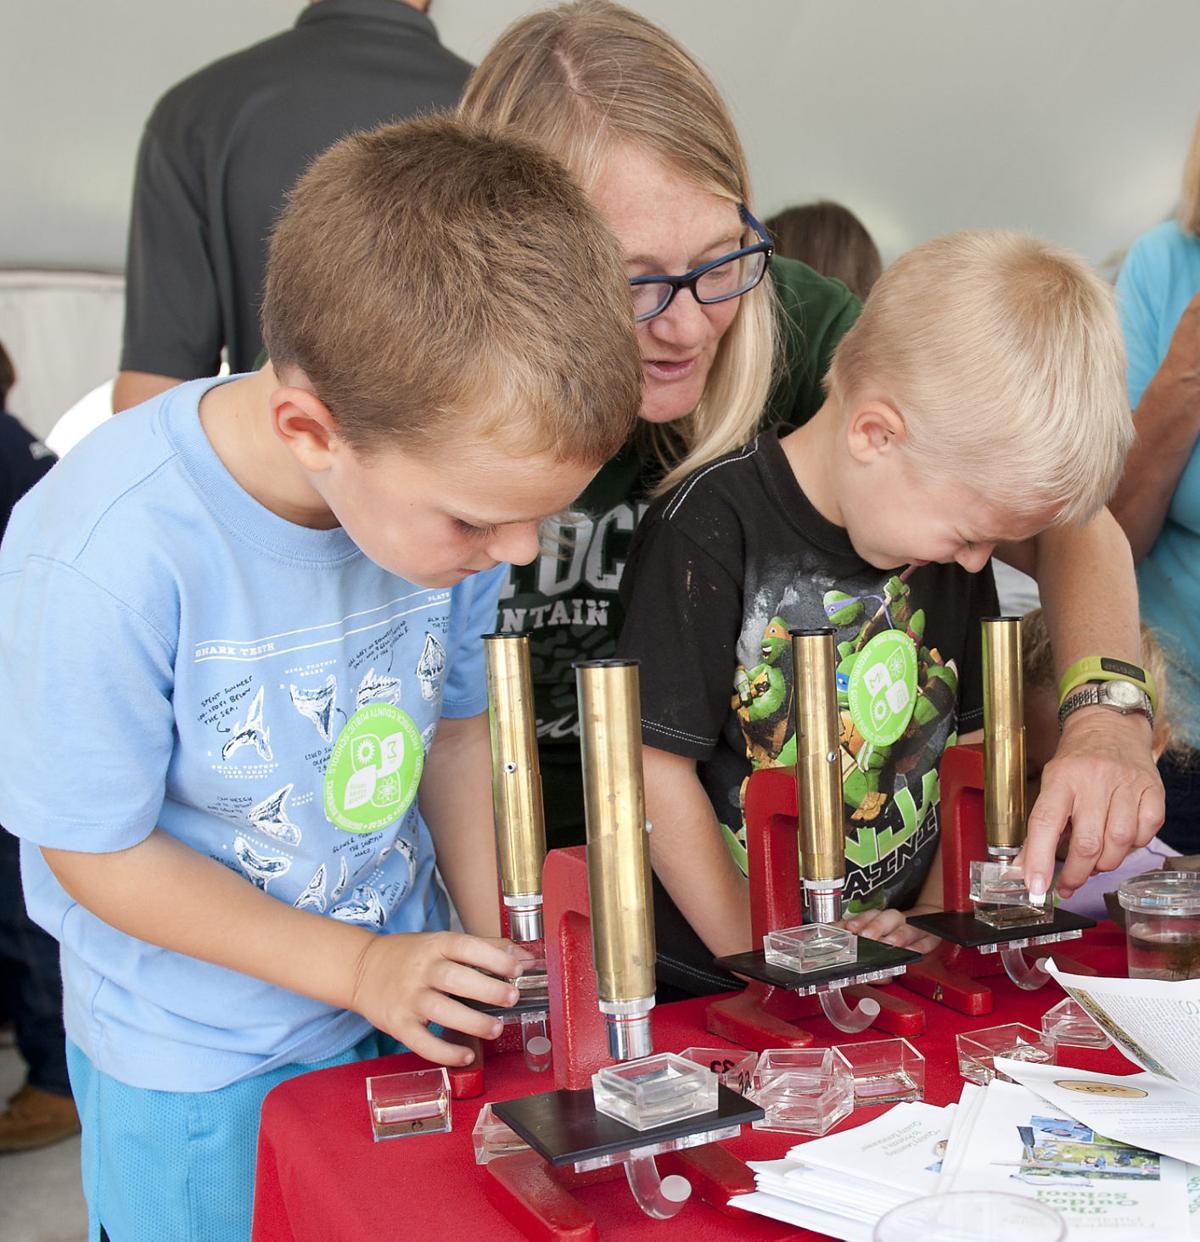 STEM Showcase at Fair